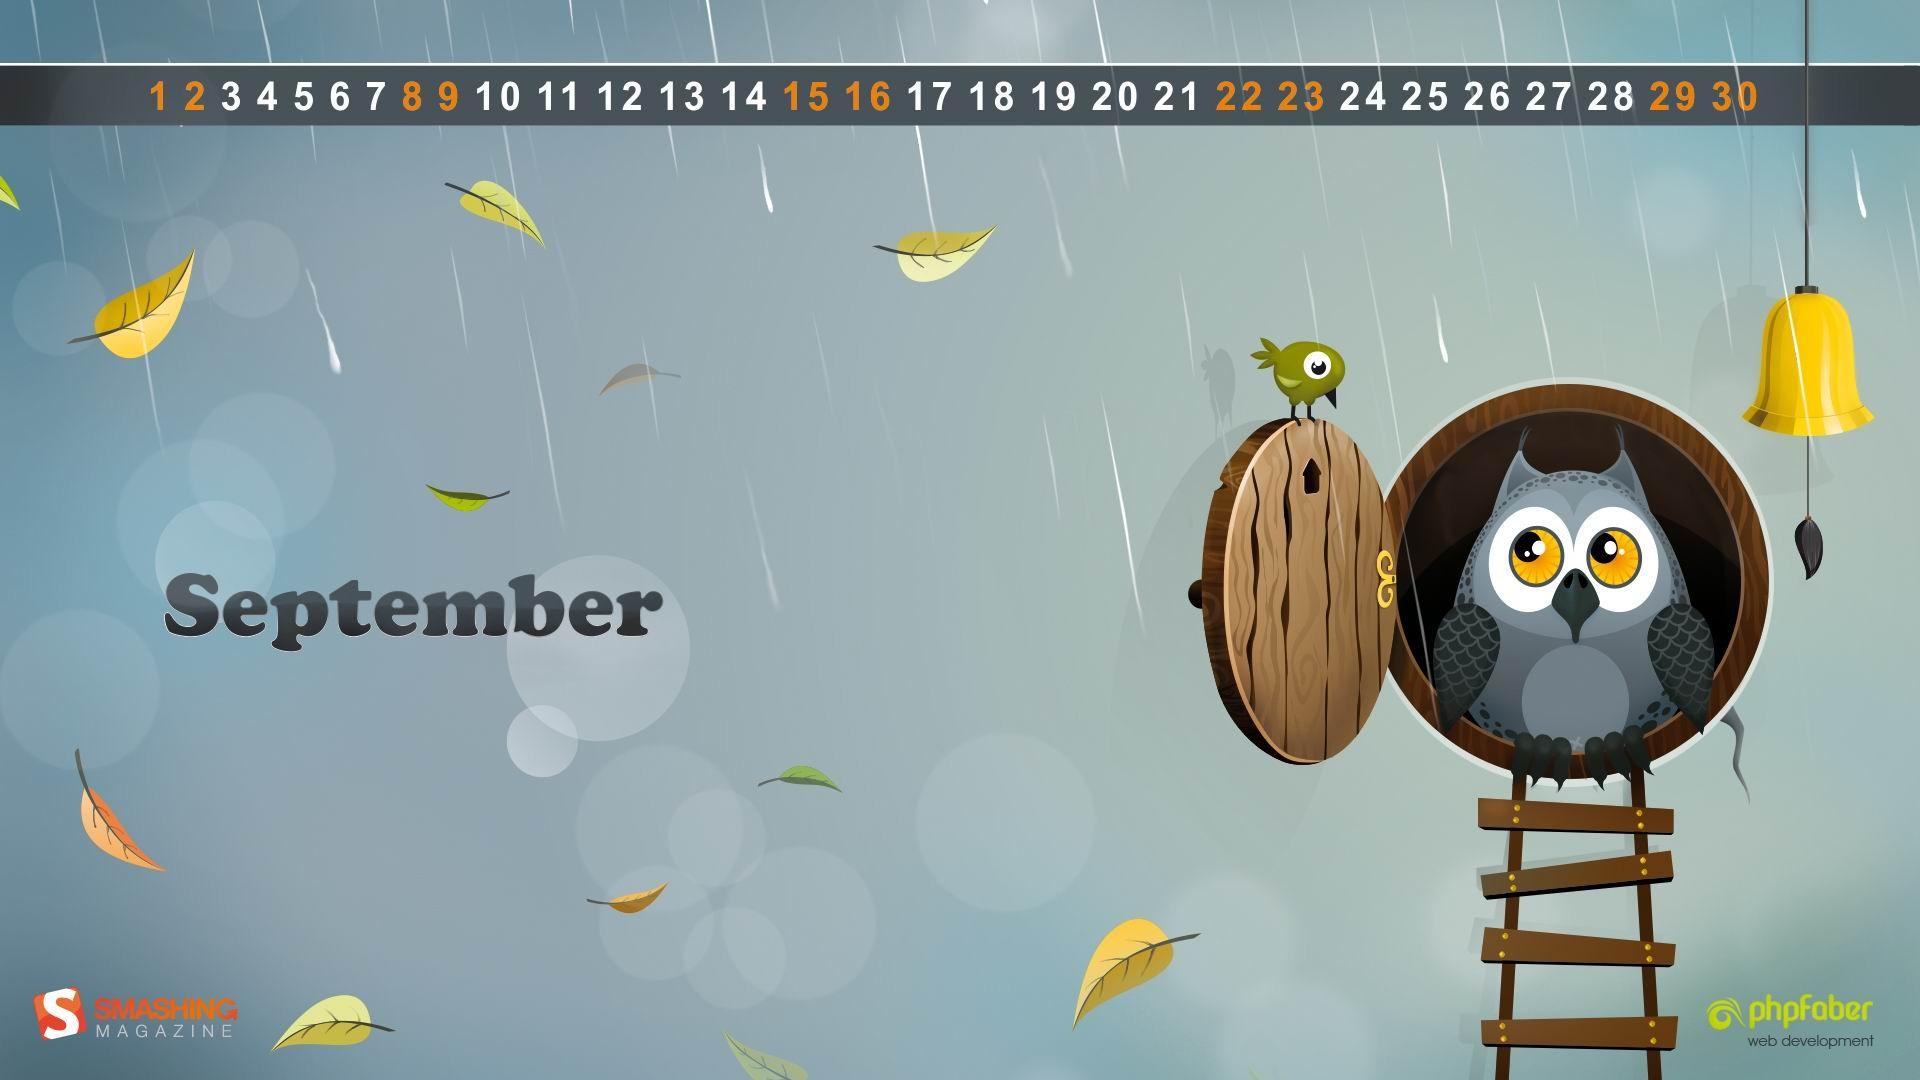 ... autumn owl-September 2012 calendar wallpaper Current Size: 1920 x 1080